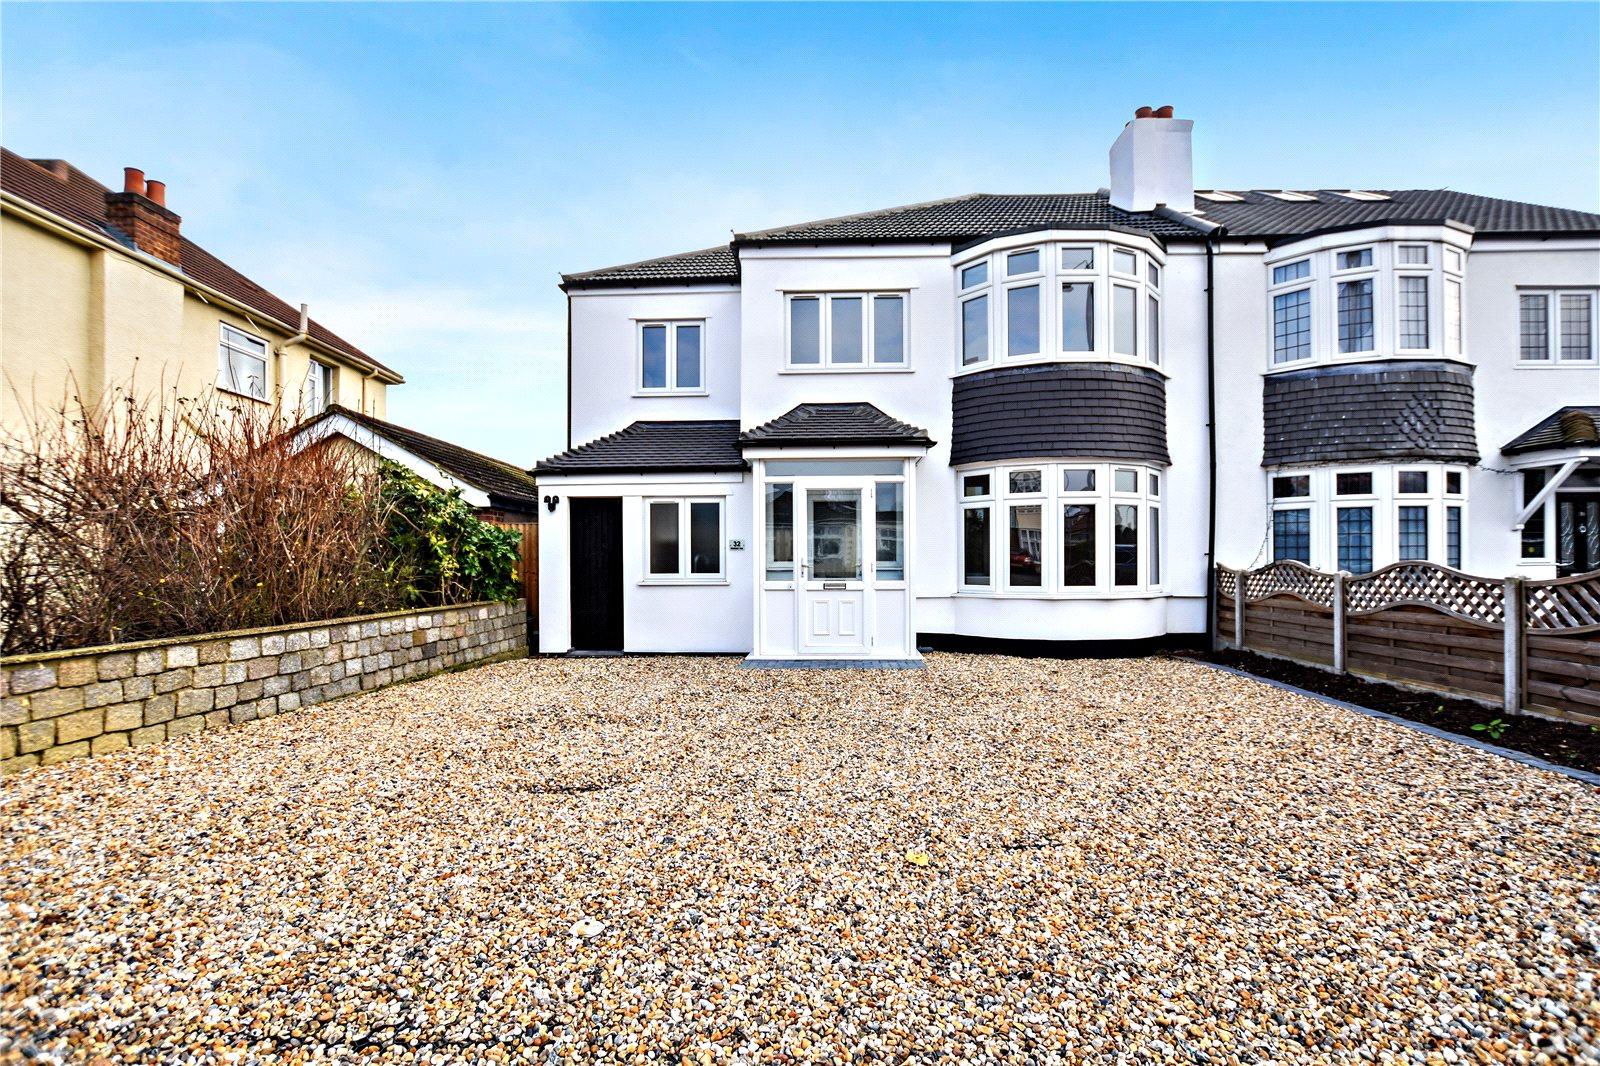 Arbuthnot Lane, Bexley, Kent, DA5